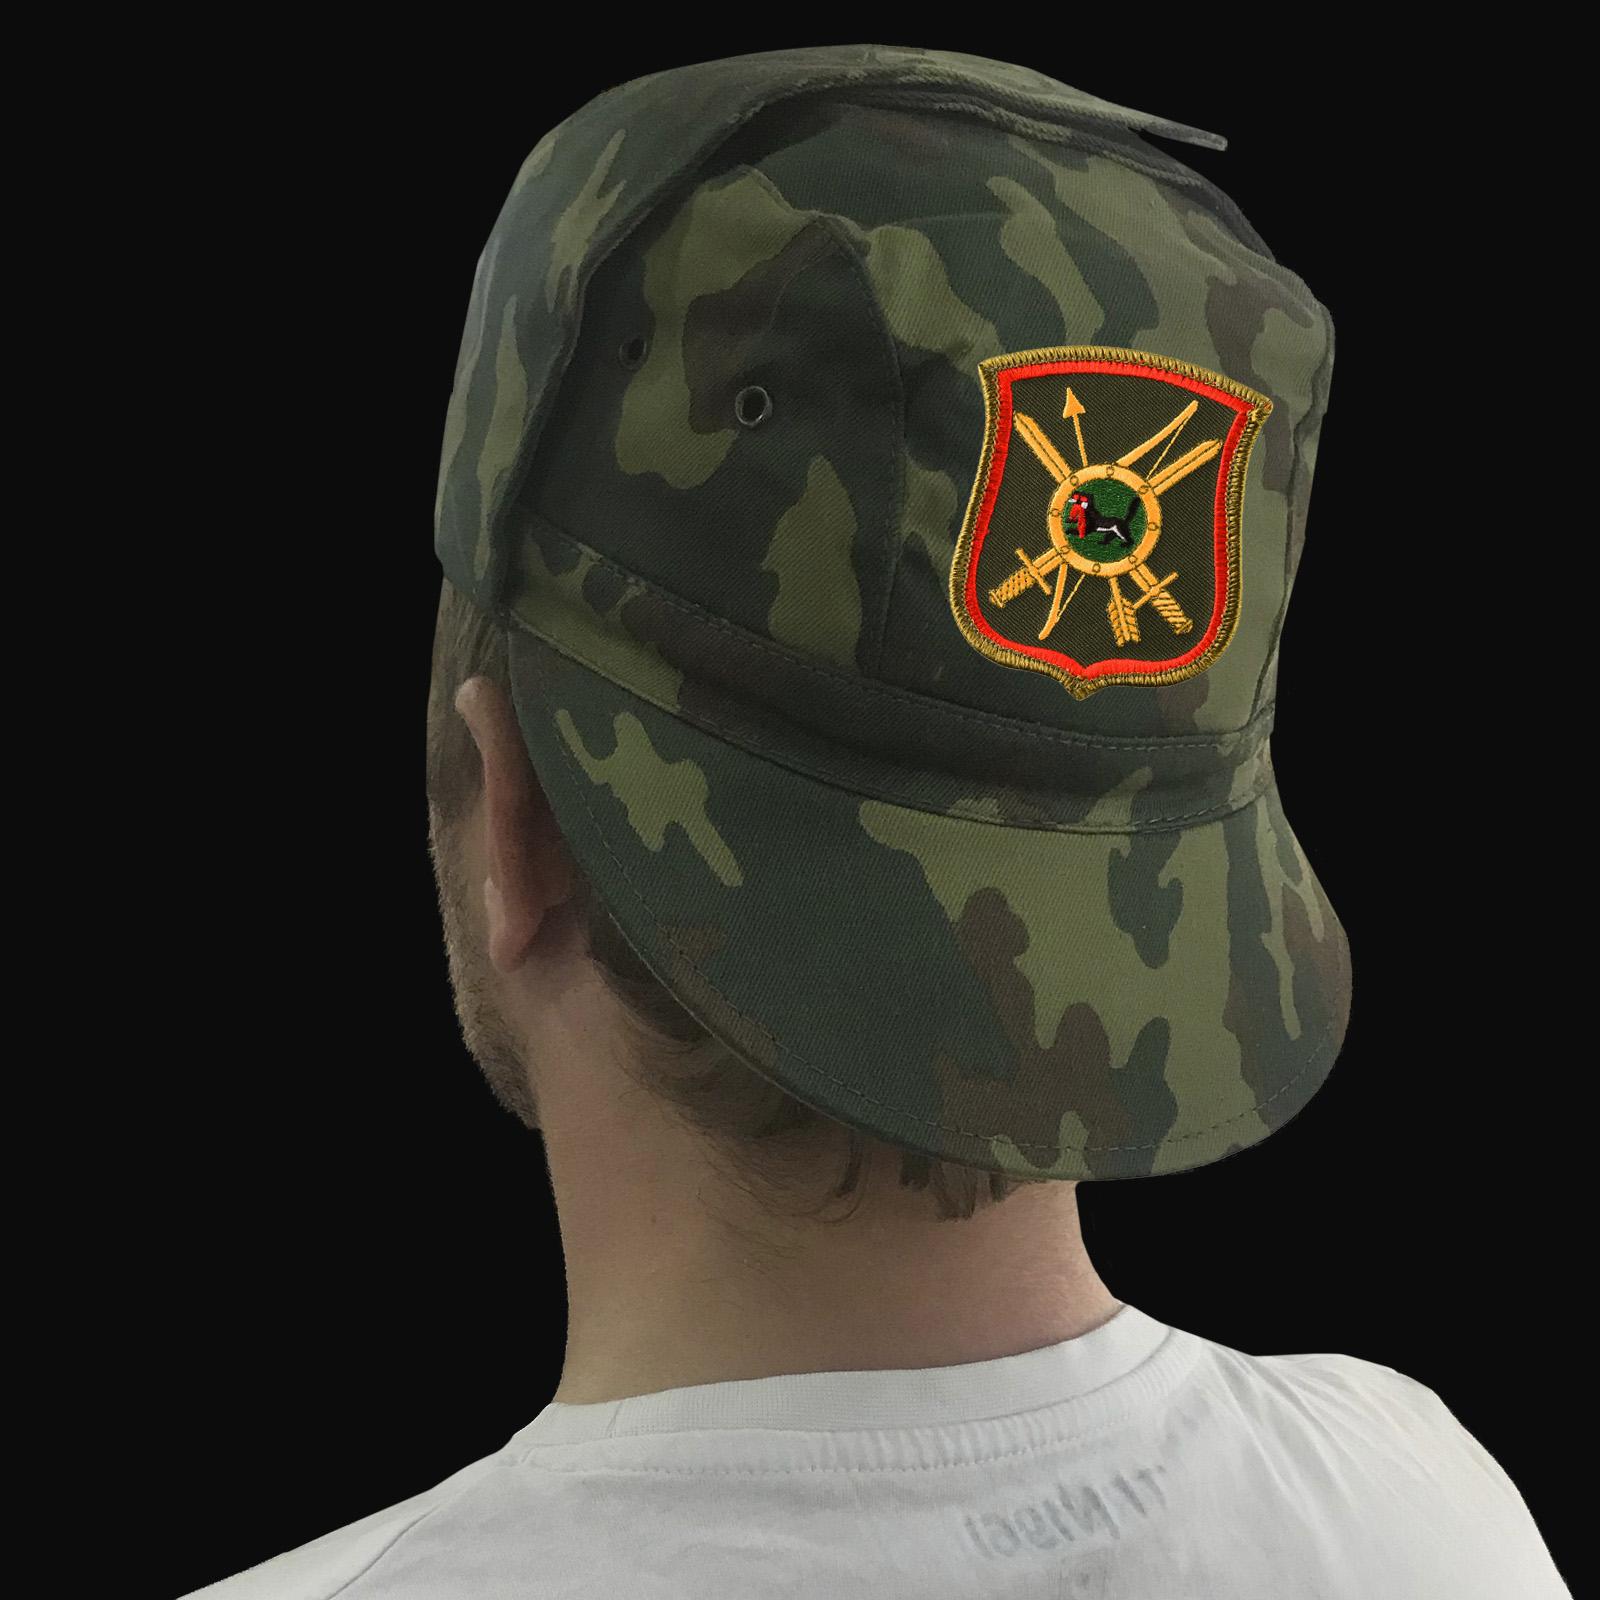 Купить кепку в дизайне Ракетных войск стратегического назначения